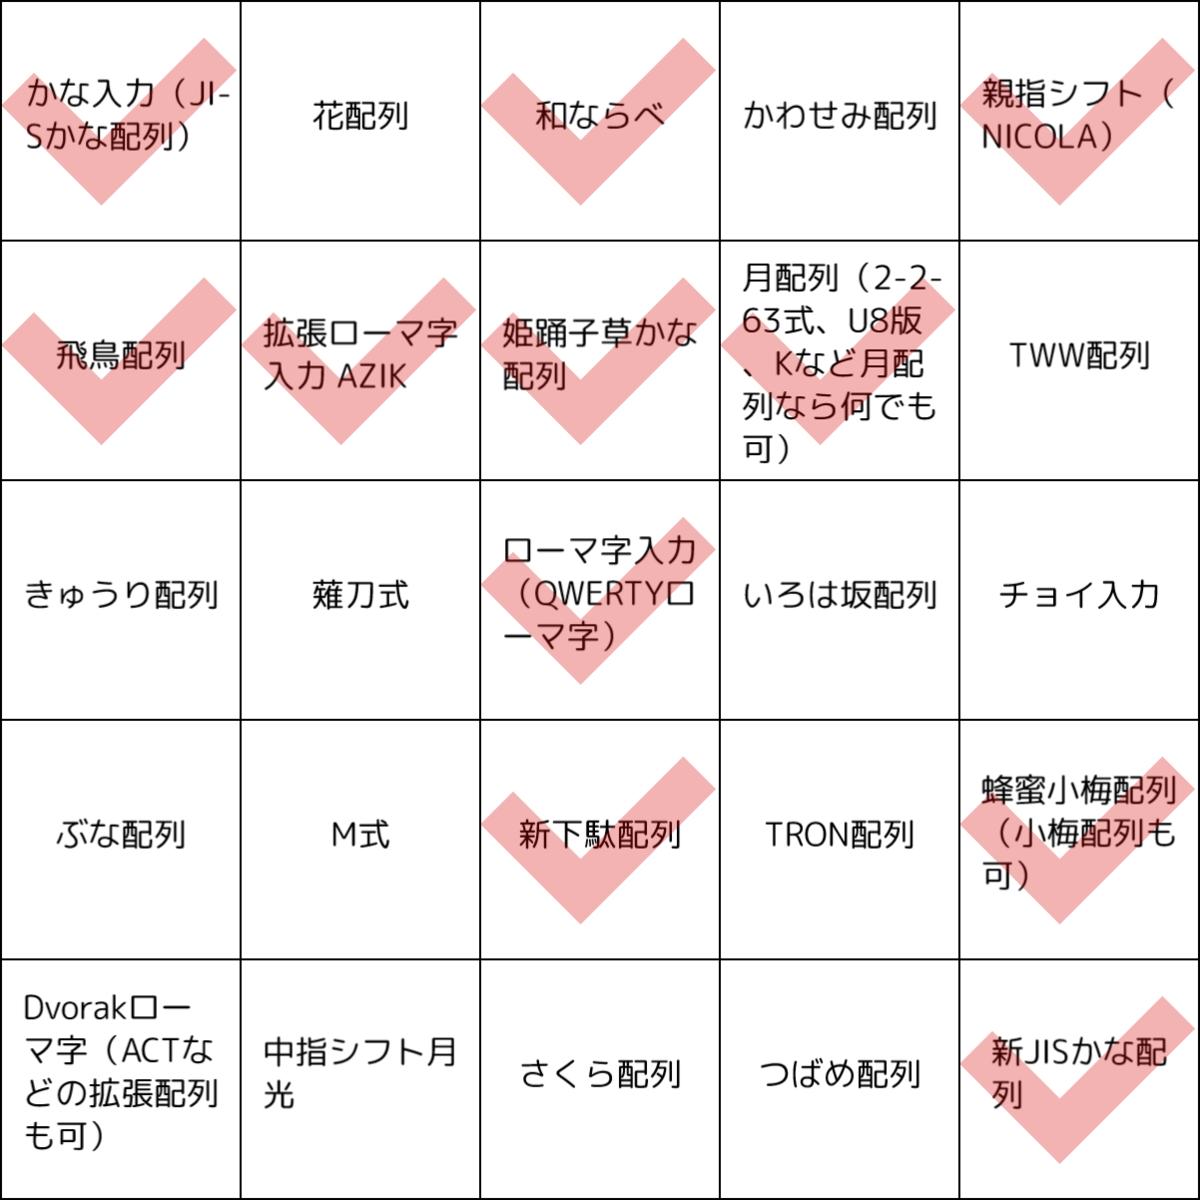 使ったことのある日本語キーボード配列ビンゴ。チェック10、ビンゴ0。